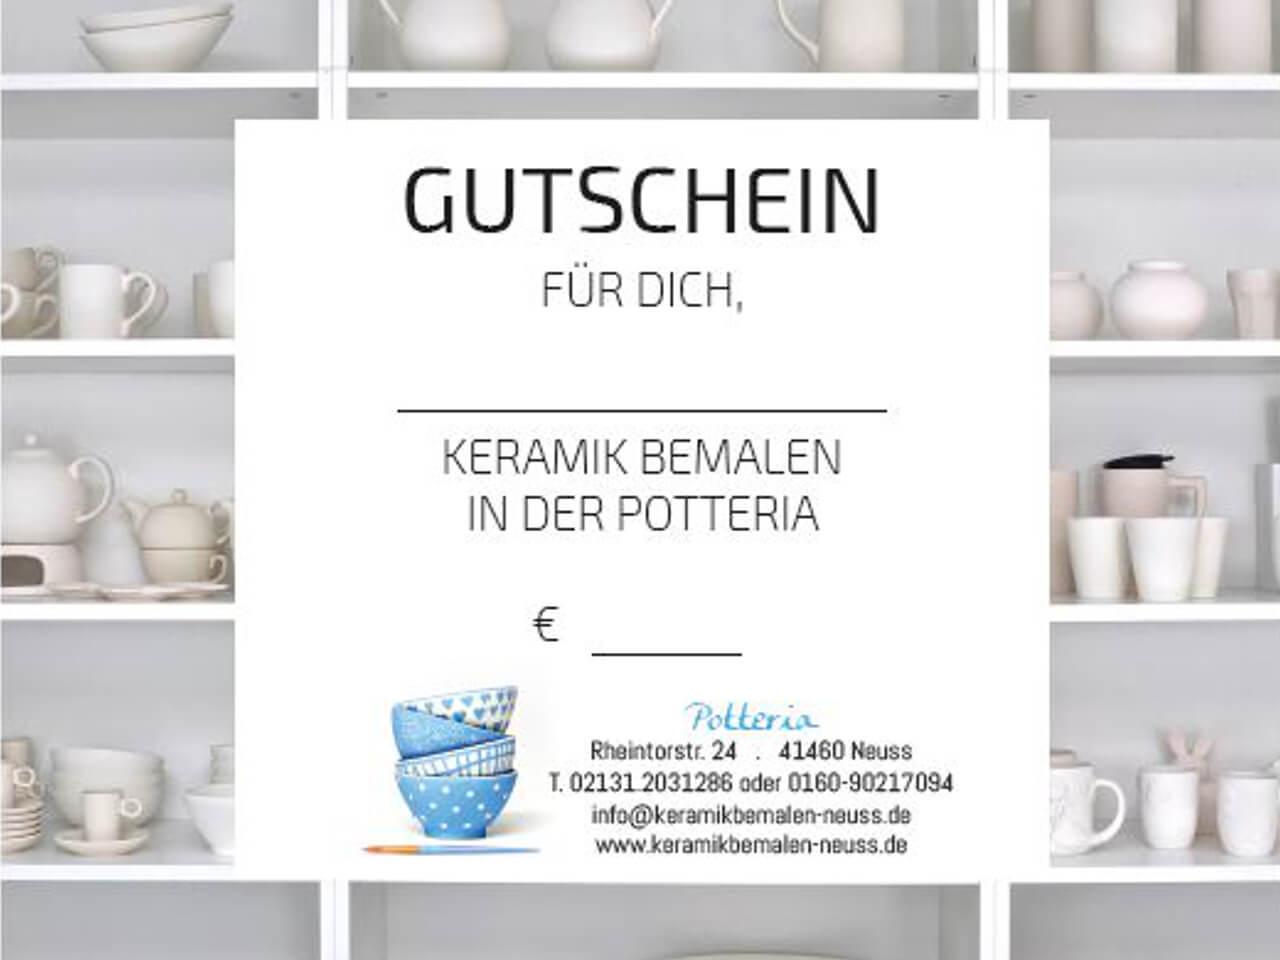 Keramik bemalen Neuss Potteria - Gutschein